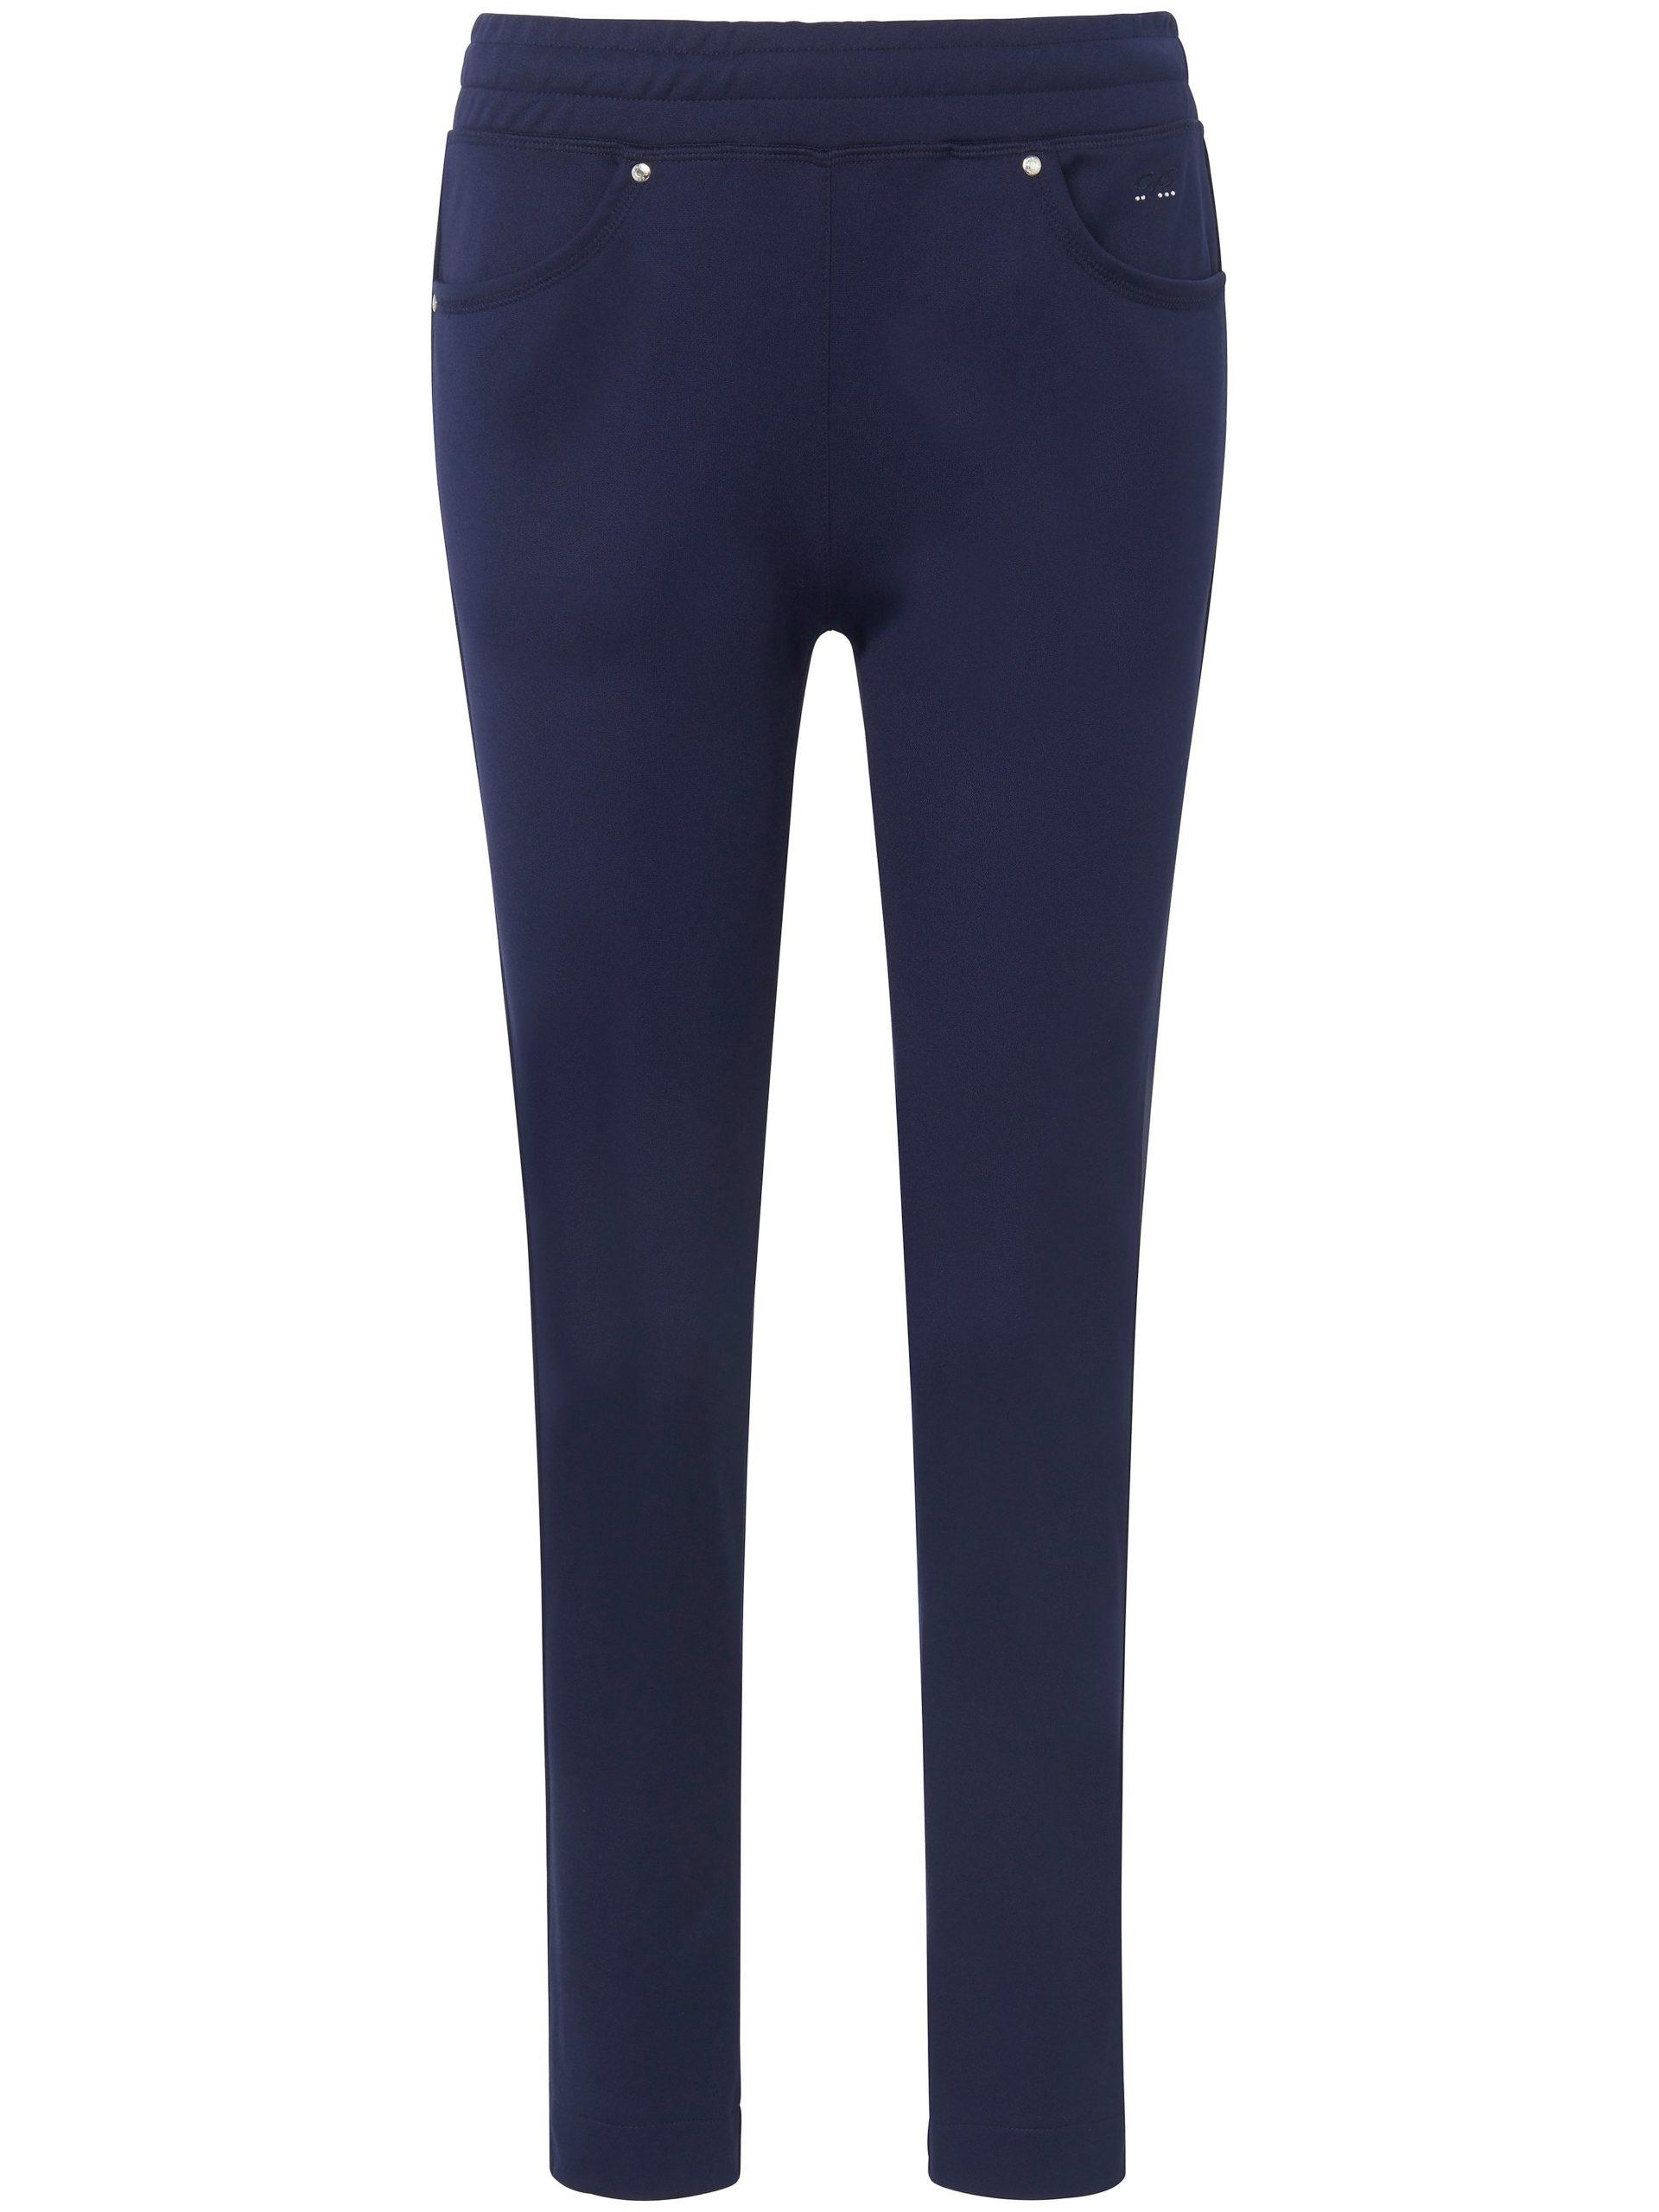 Enkellange broek met elastische band Van Canyon blauw Kopen